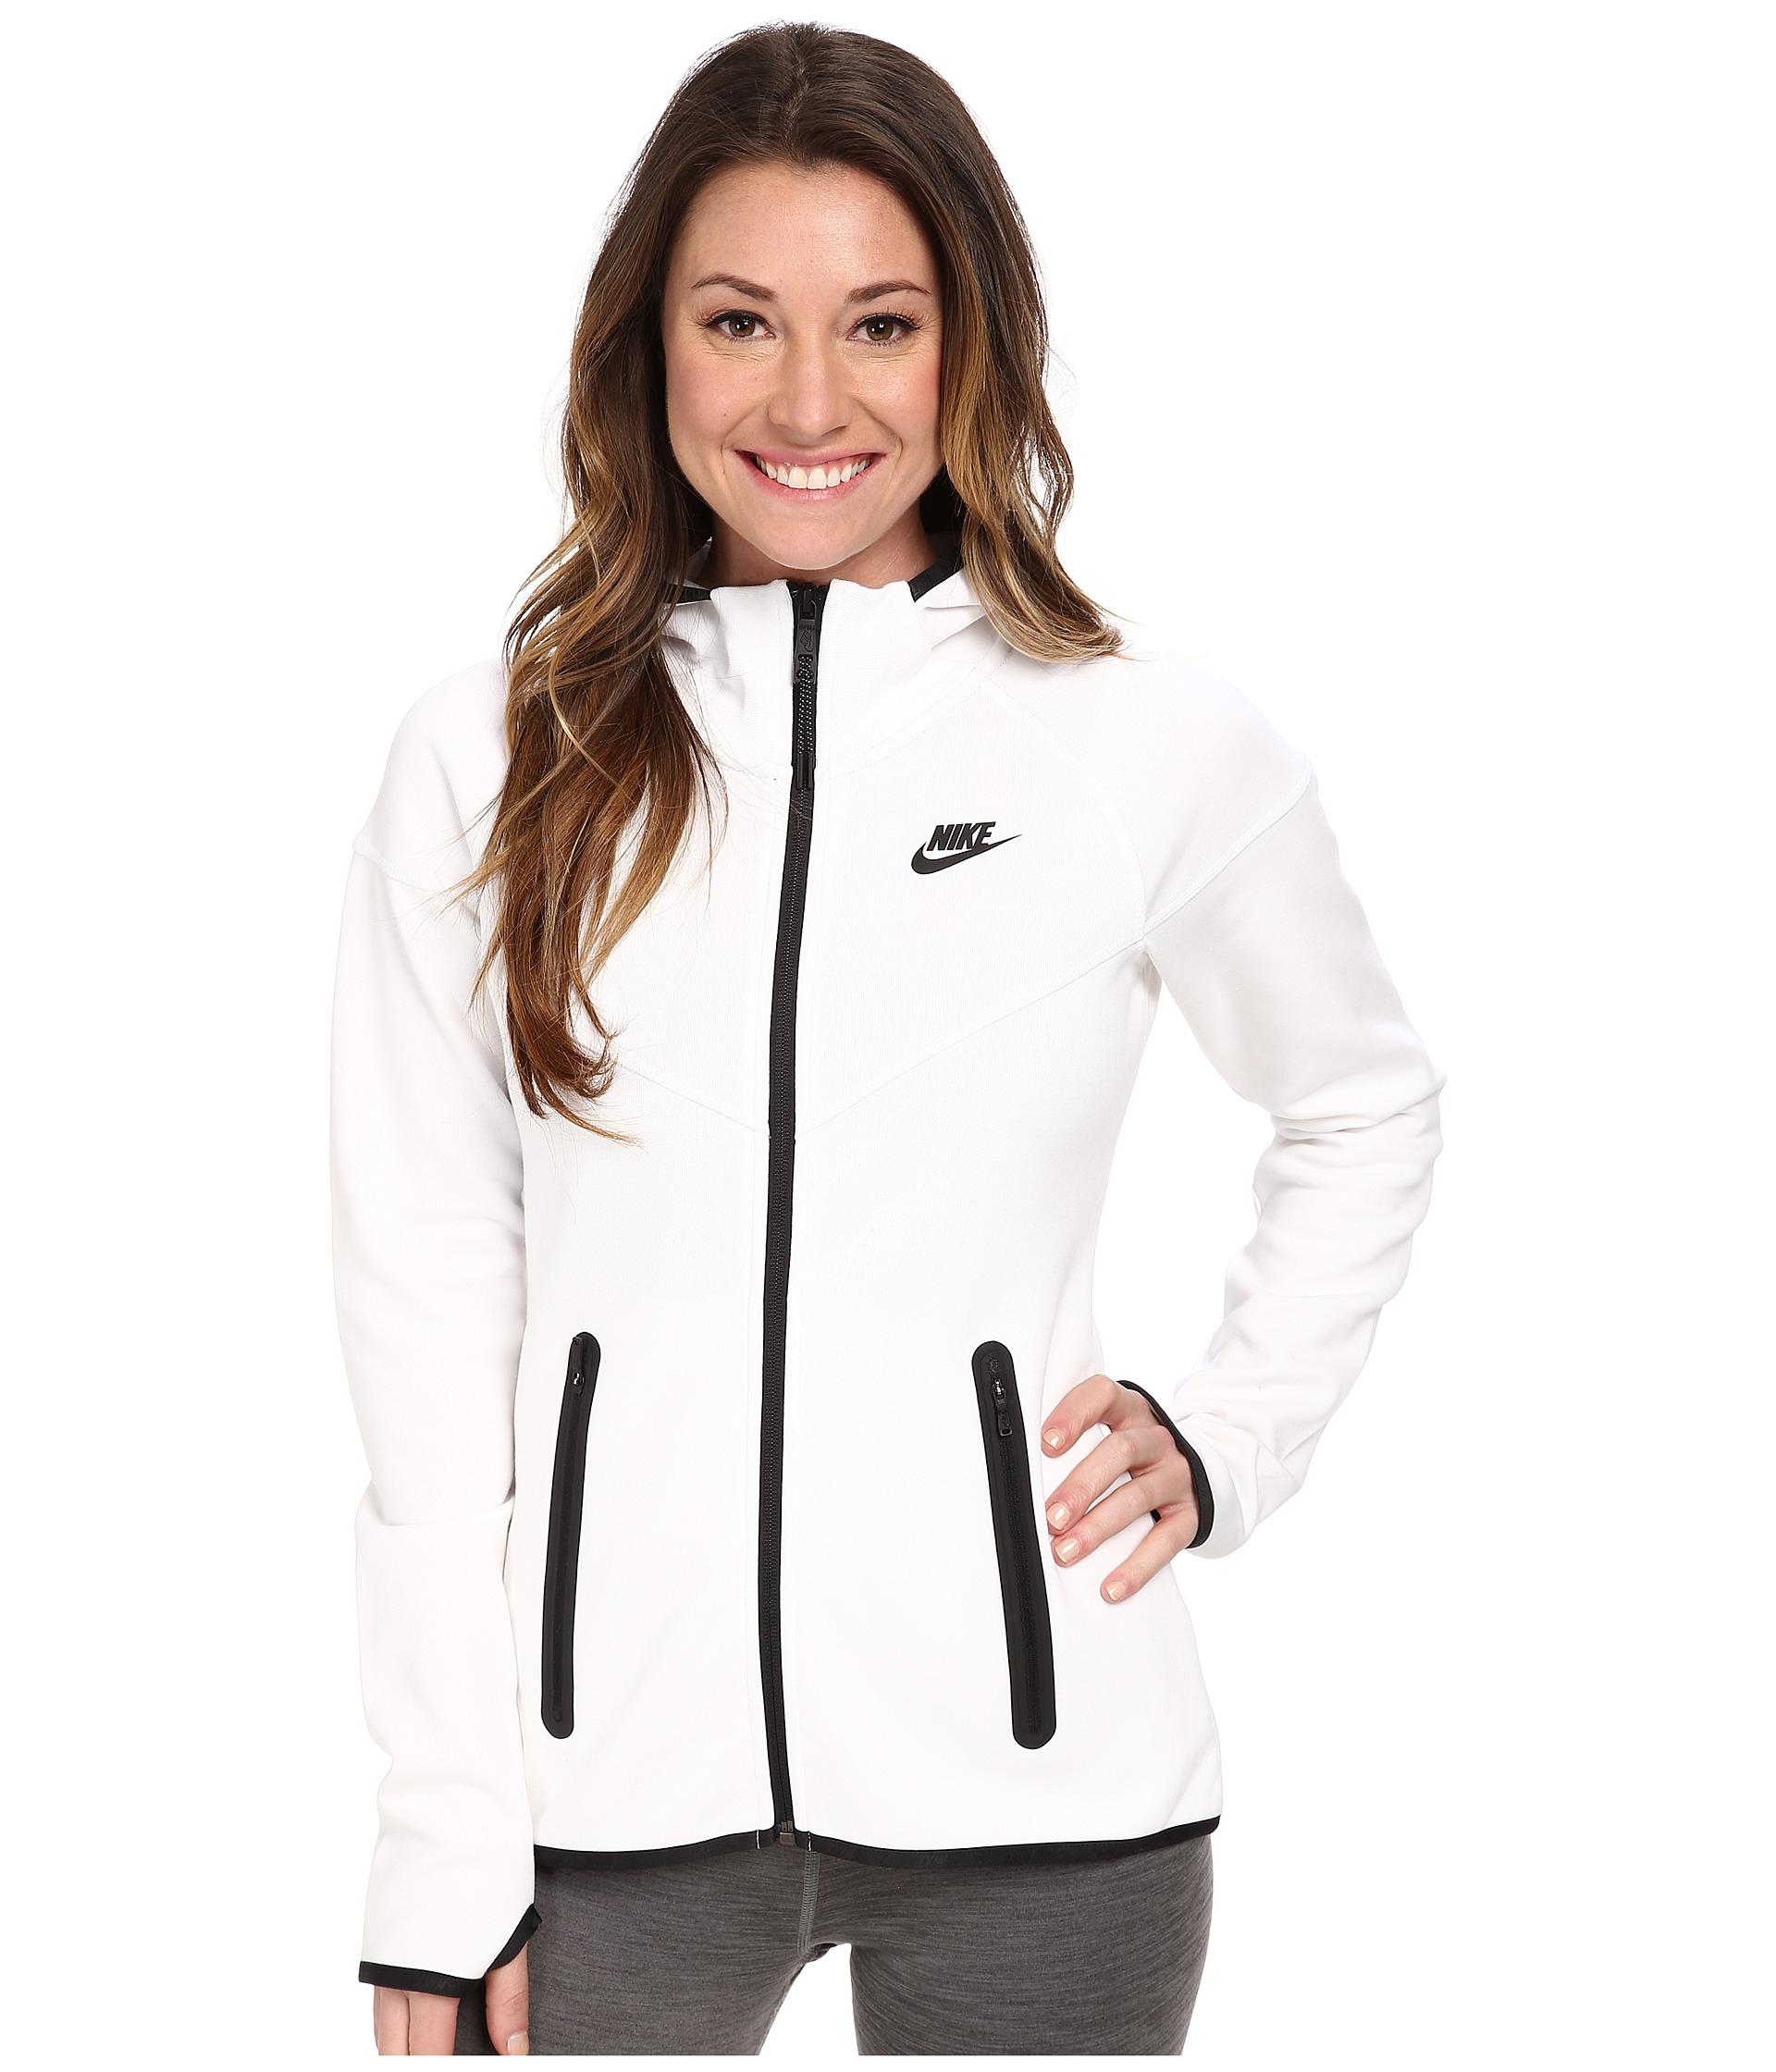 Lyst - Nike Tech Fleece Full-Zip Hoodie in White 26476512e